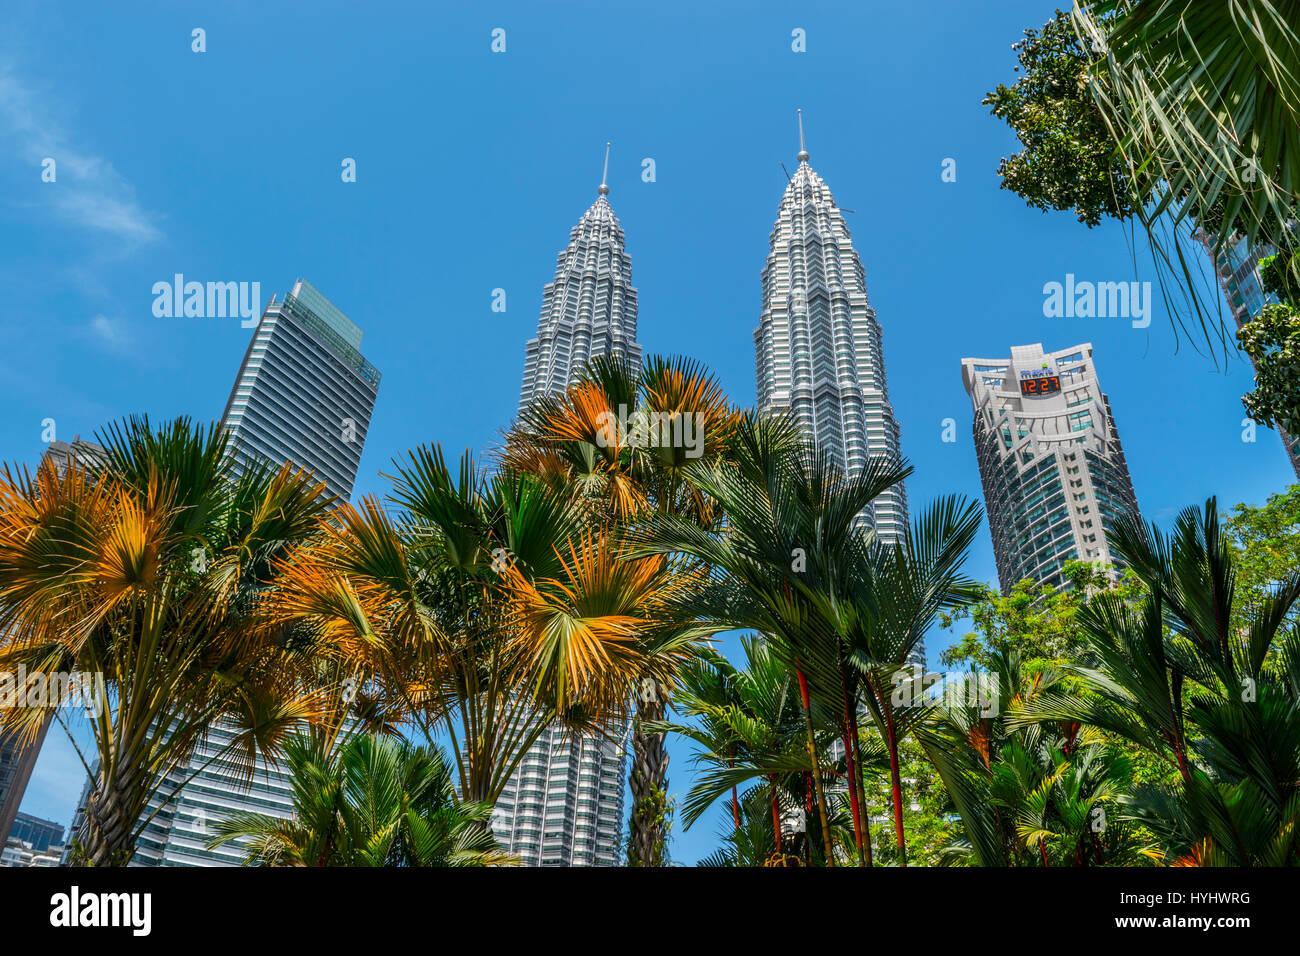 Las torres gemelas Petronas y el horizonte del centro de la ciudad de Kuala Lumpur, Malasia Park Imagen De Stock